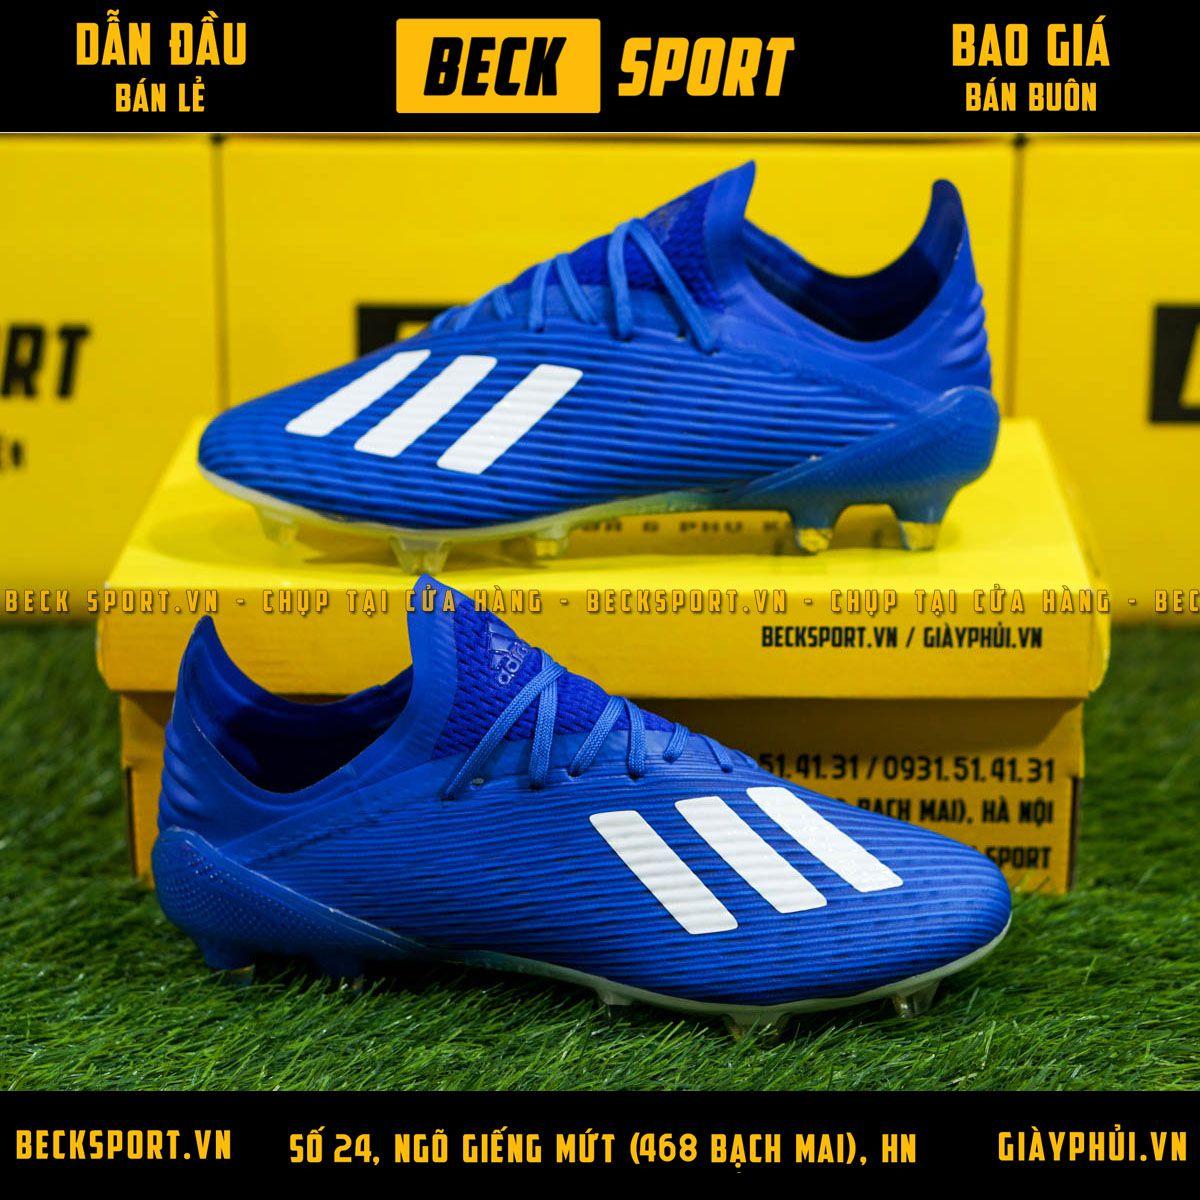 Giày Bóng Đá Adidas X 19.1 Xanh Biển Vạch Trắng FG